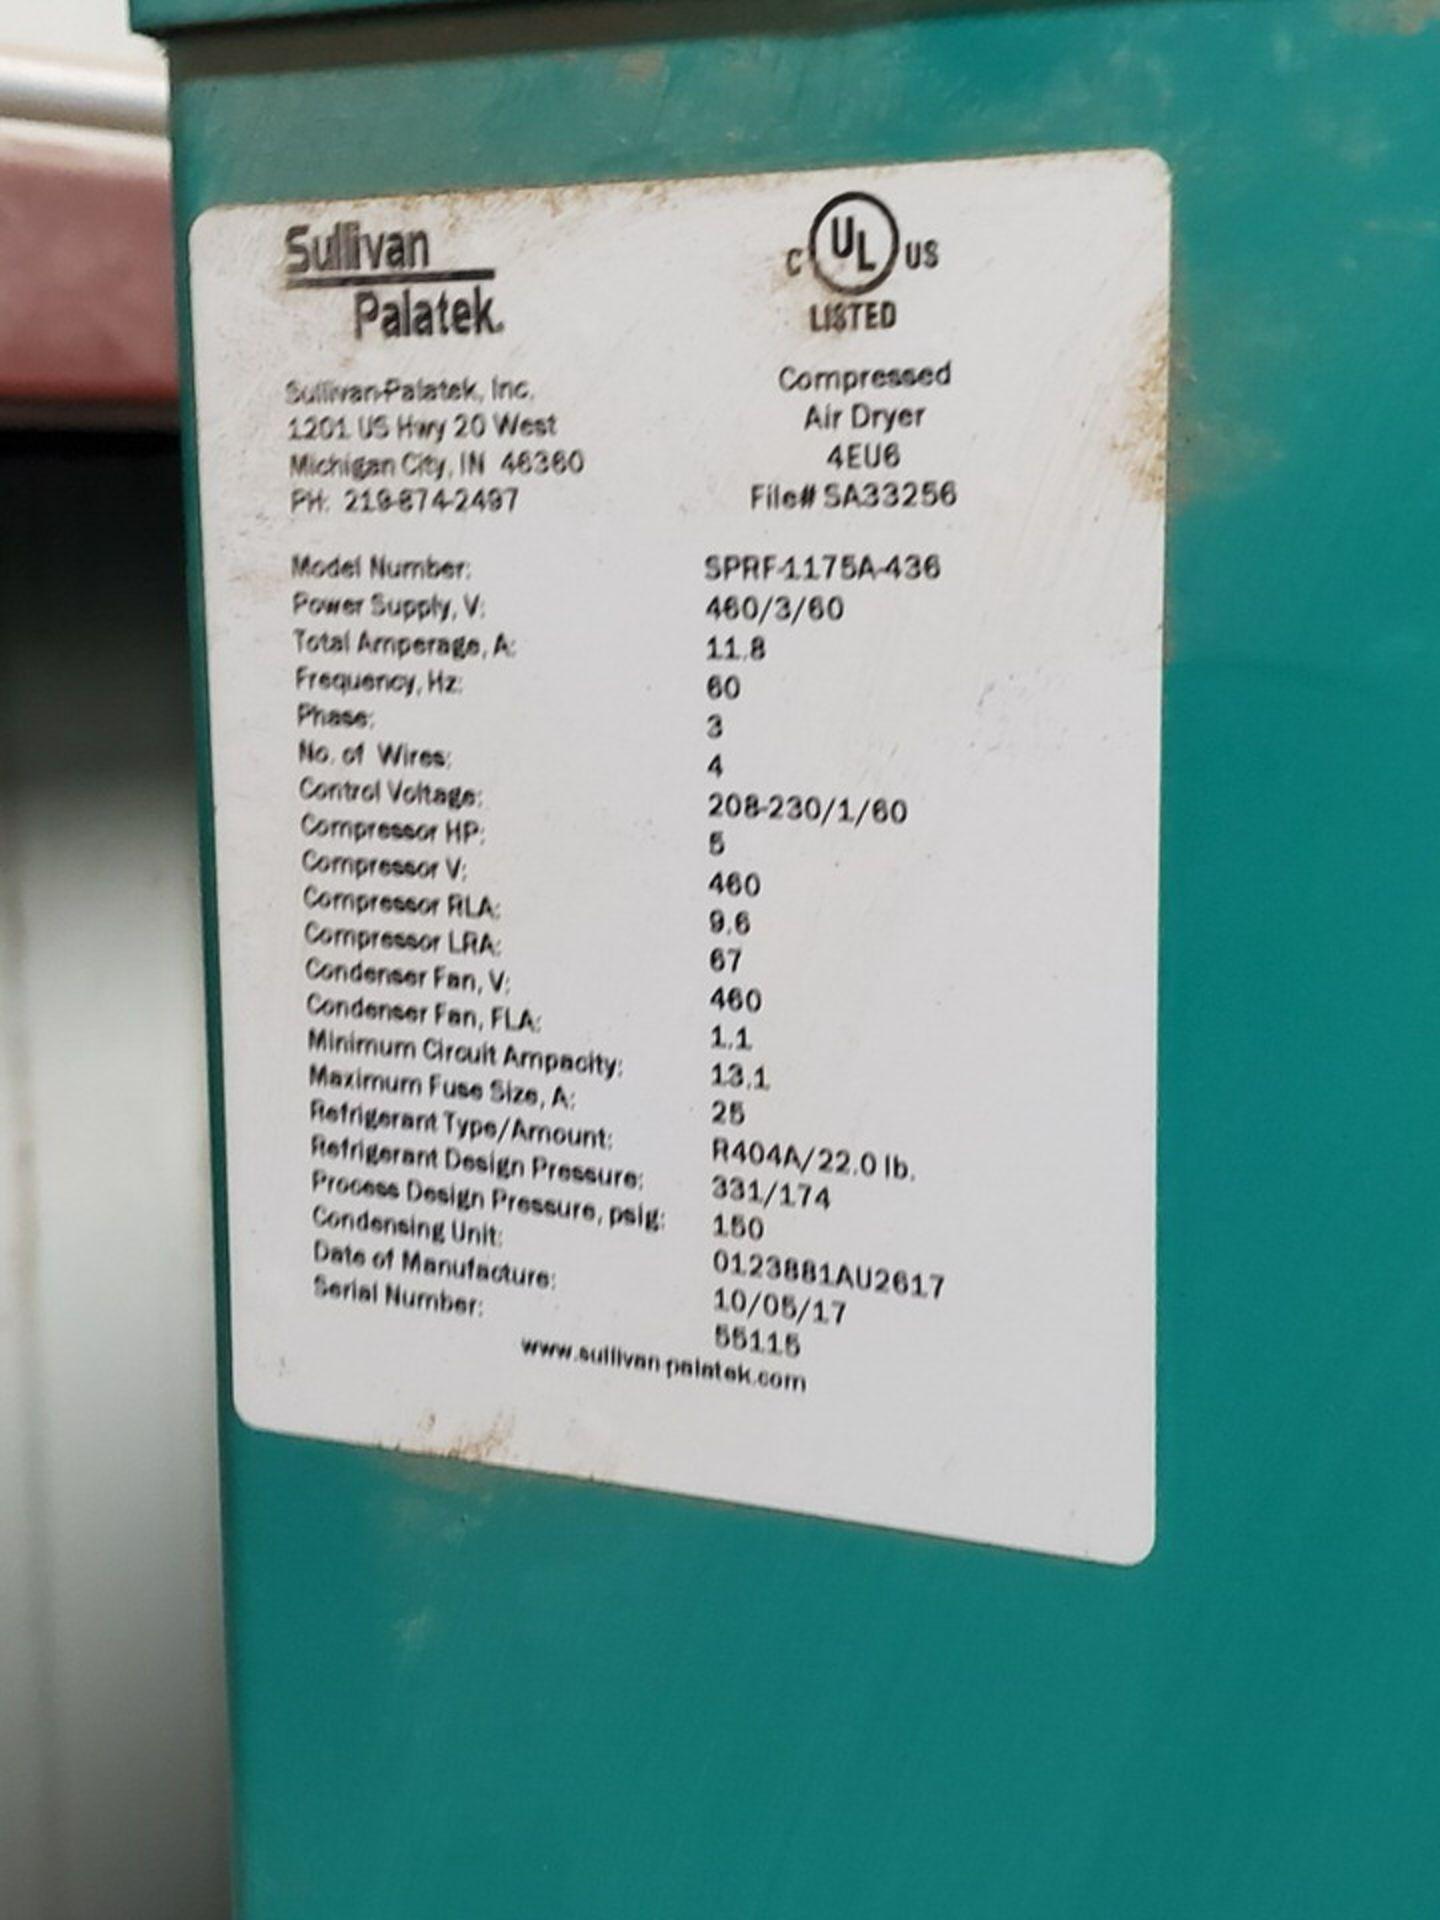 2017 Sullivan Palatek SPRF-1175A-436 Air Dryer 460V, 11.8A, 5HP, 150psi - Image 5 of 5